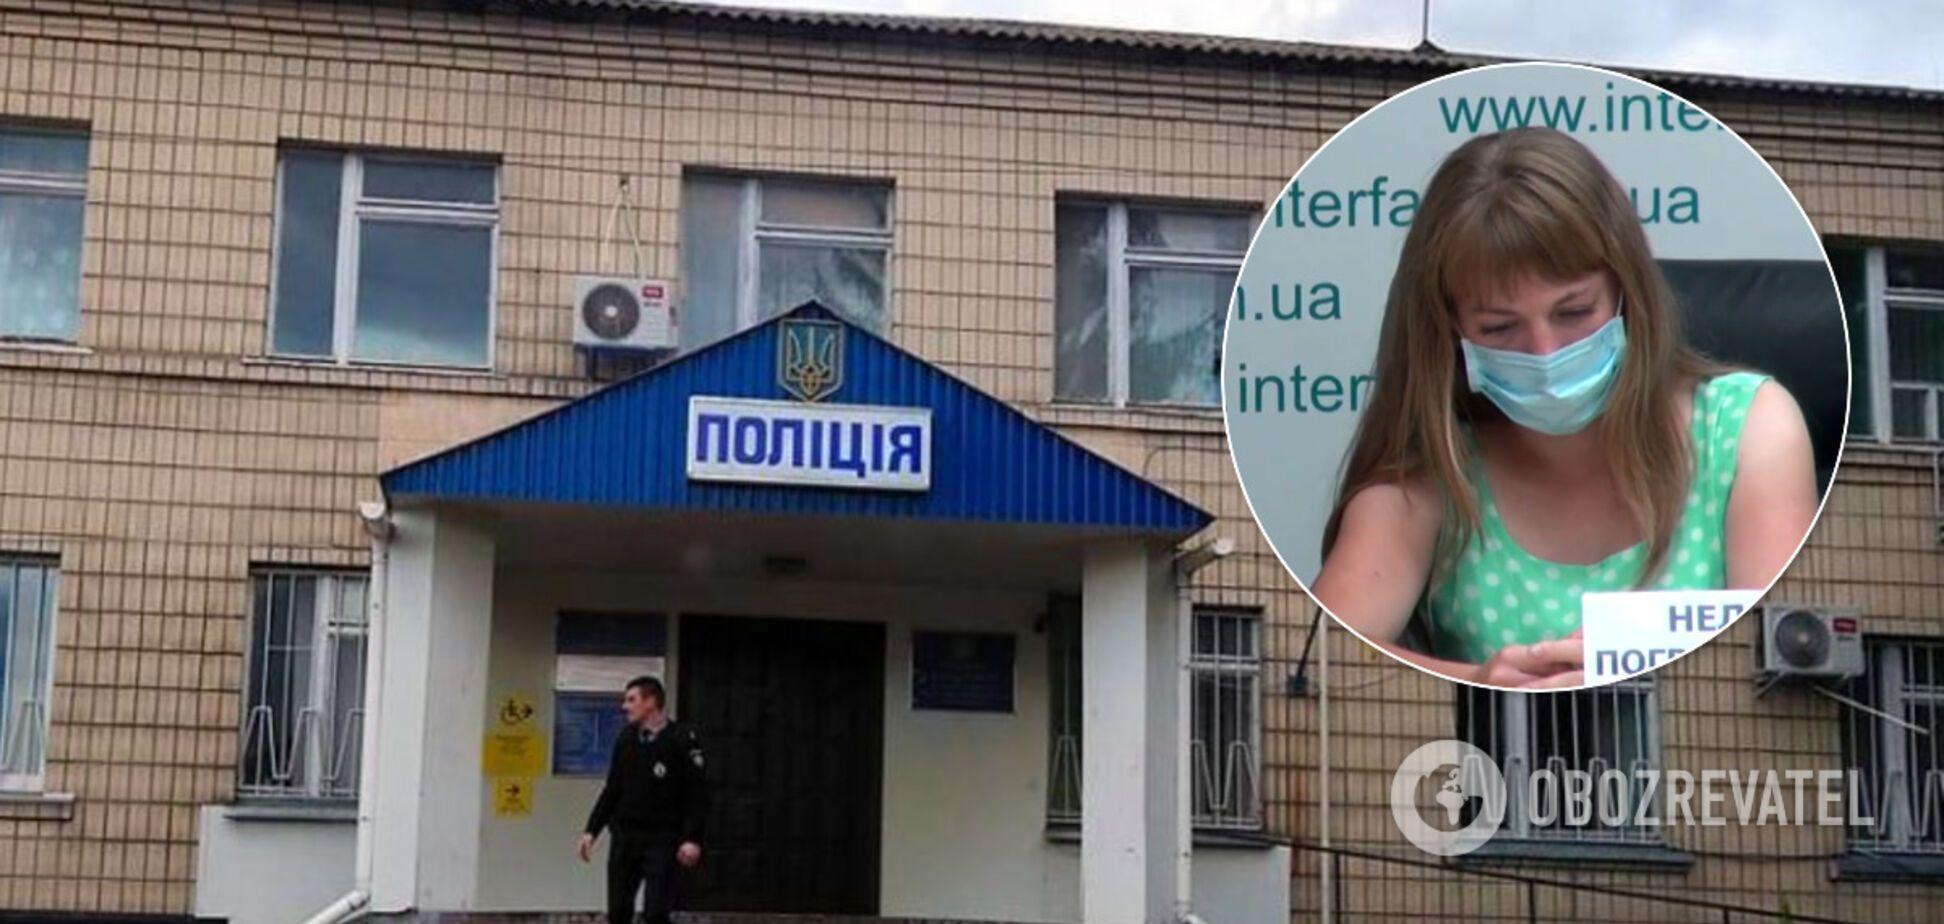 В изнасиловании в Кагарлыке появилась новая потерпевшая: адвокат заявила о насилии над несовершеннолетней